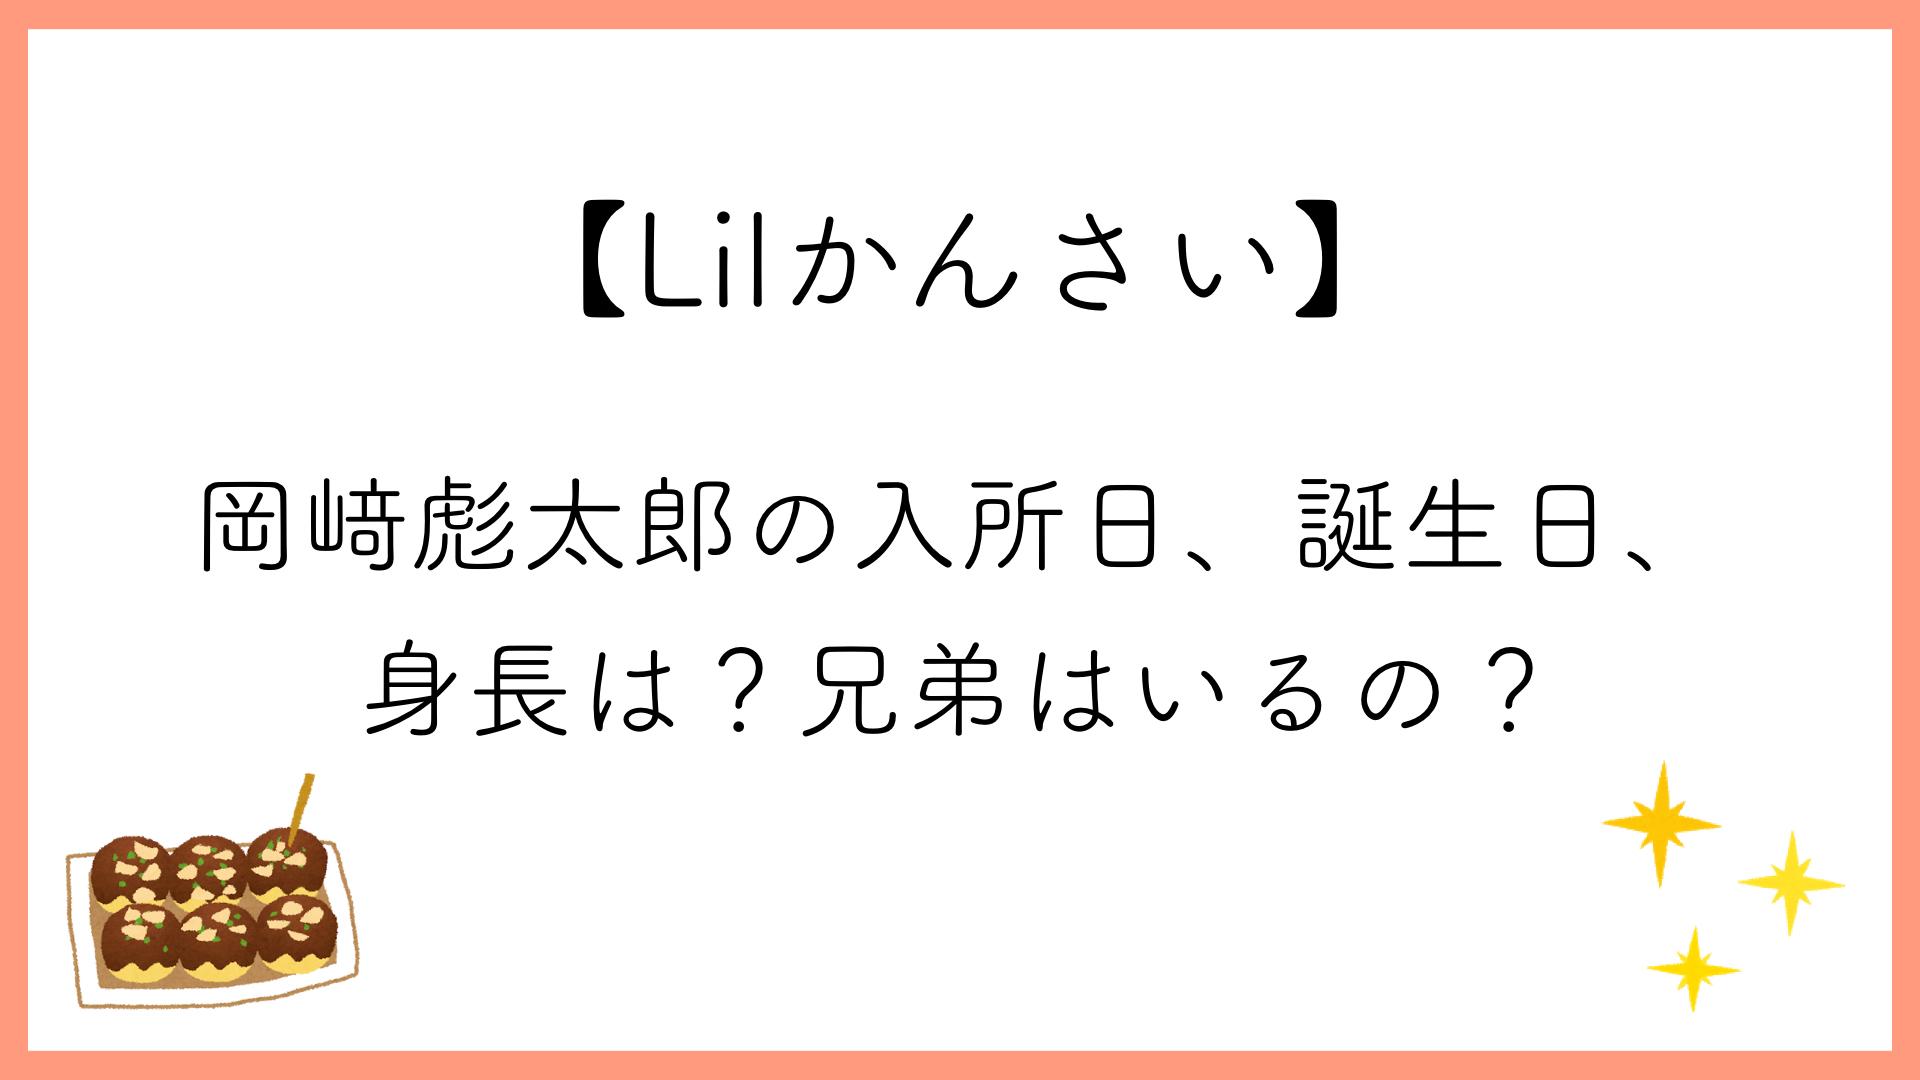 【Lilかんさい】岡﨑彪太郎の入所日、誕生日、身長は?兄弟はいるの?